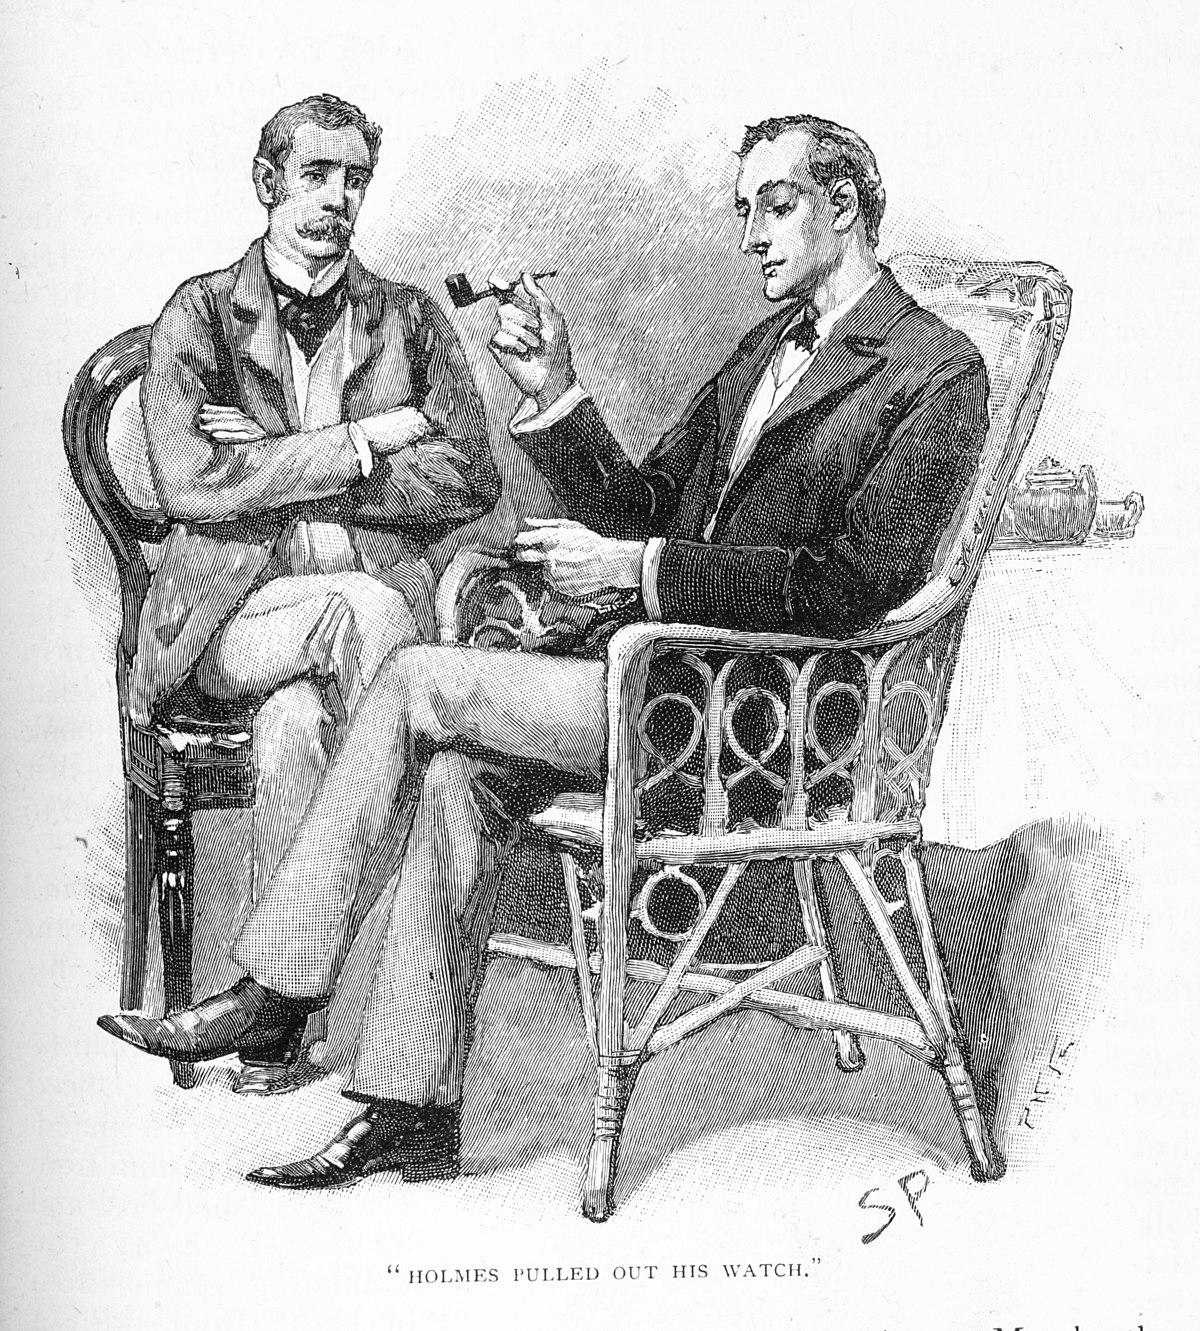 Lequel de ces personnages historiques le docteur ne rencontre t-il pas